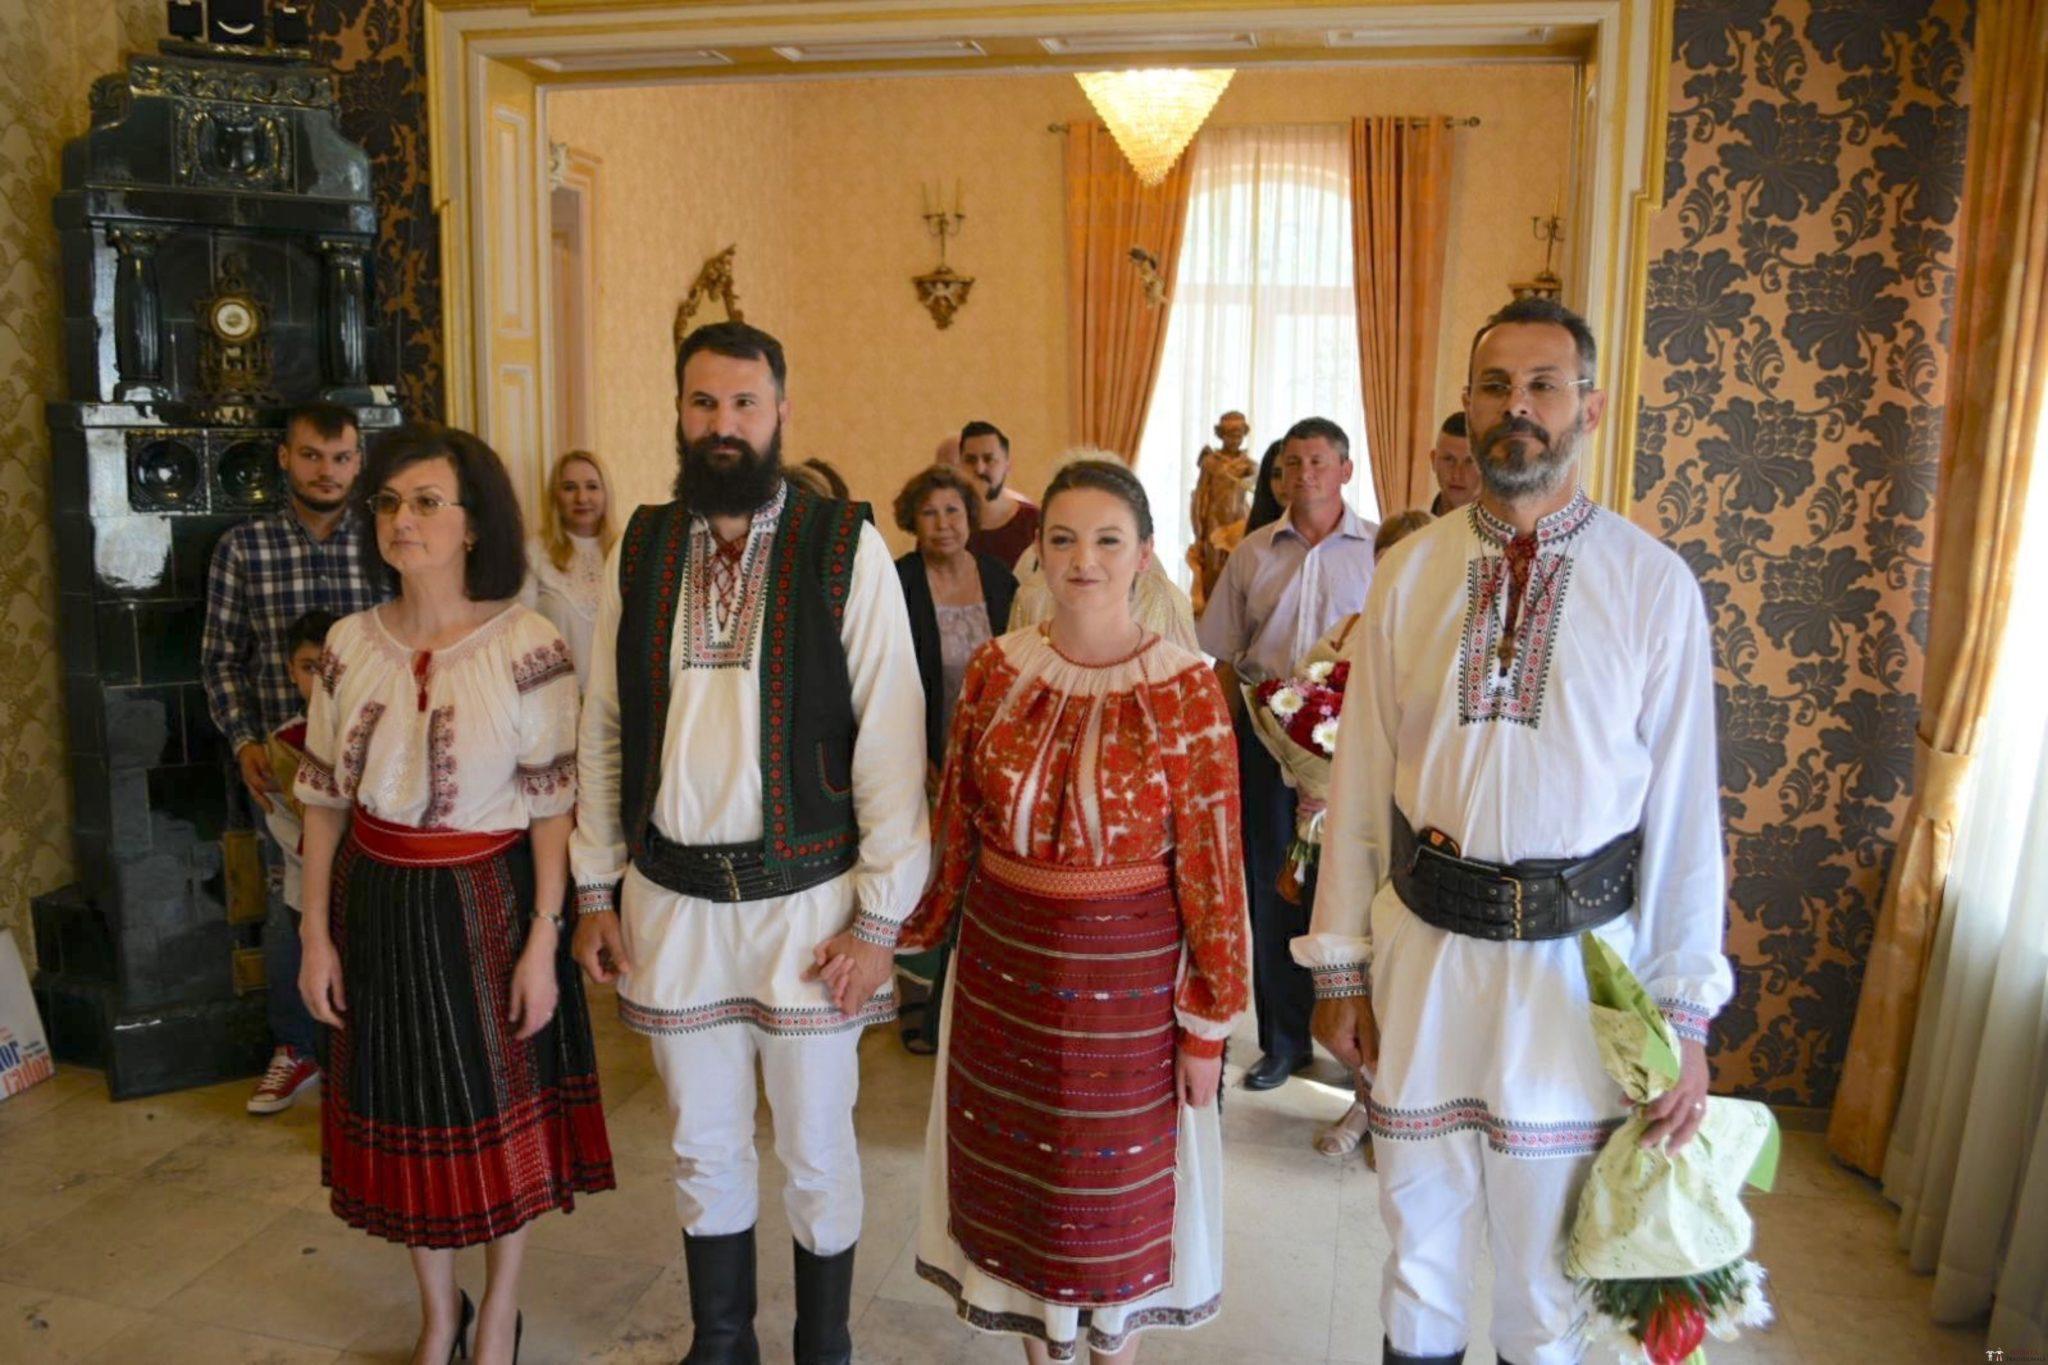 Povești Nunți Tradiționale - George Gabriel și Alexandra Buzatu, nuntă tradițională în Strejnicu, Prahova 12